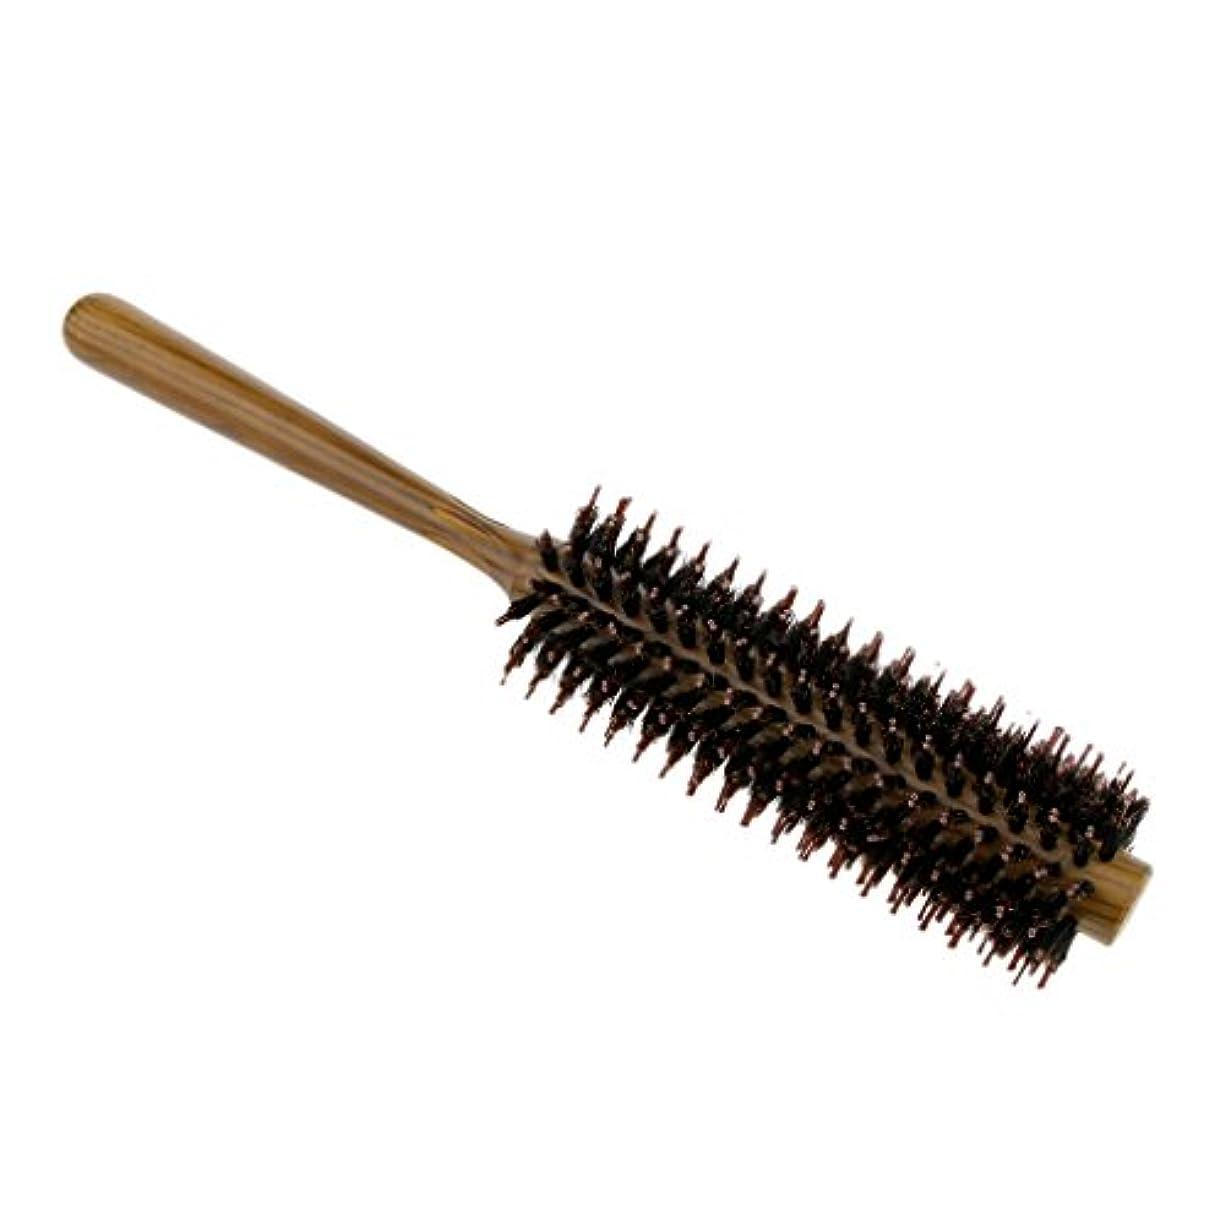 依存する意味のある頭3サイズ選べる ロールブラシ ヘアブラシ コーム 櫛 ヘアスタイリング 耐熱仕様 カール 巻き髪 便利 頭皮マッサージ - S